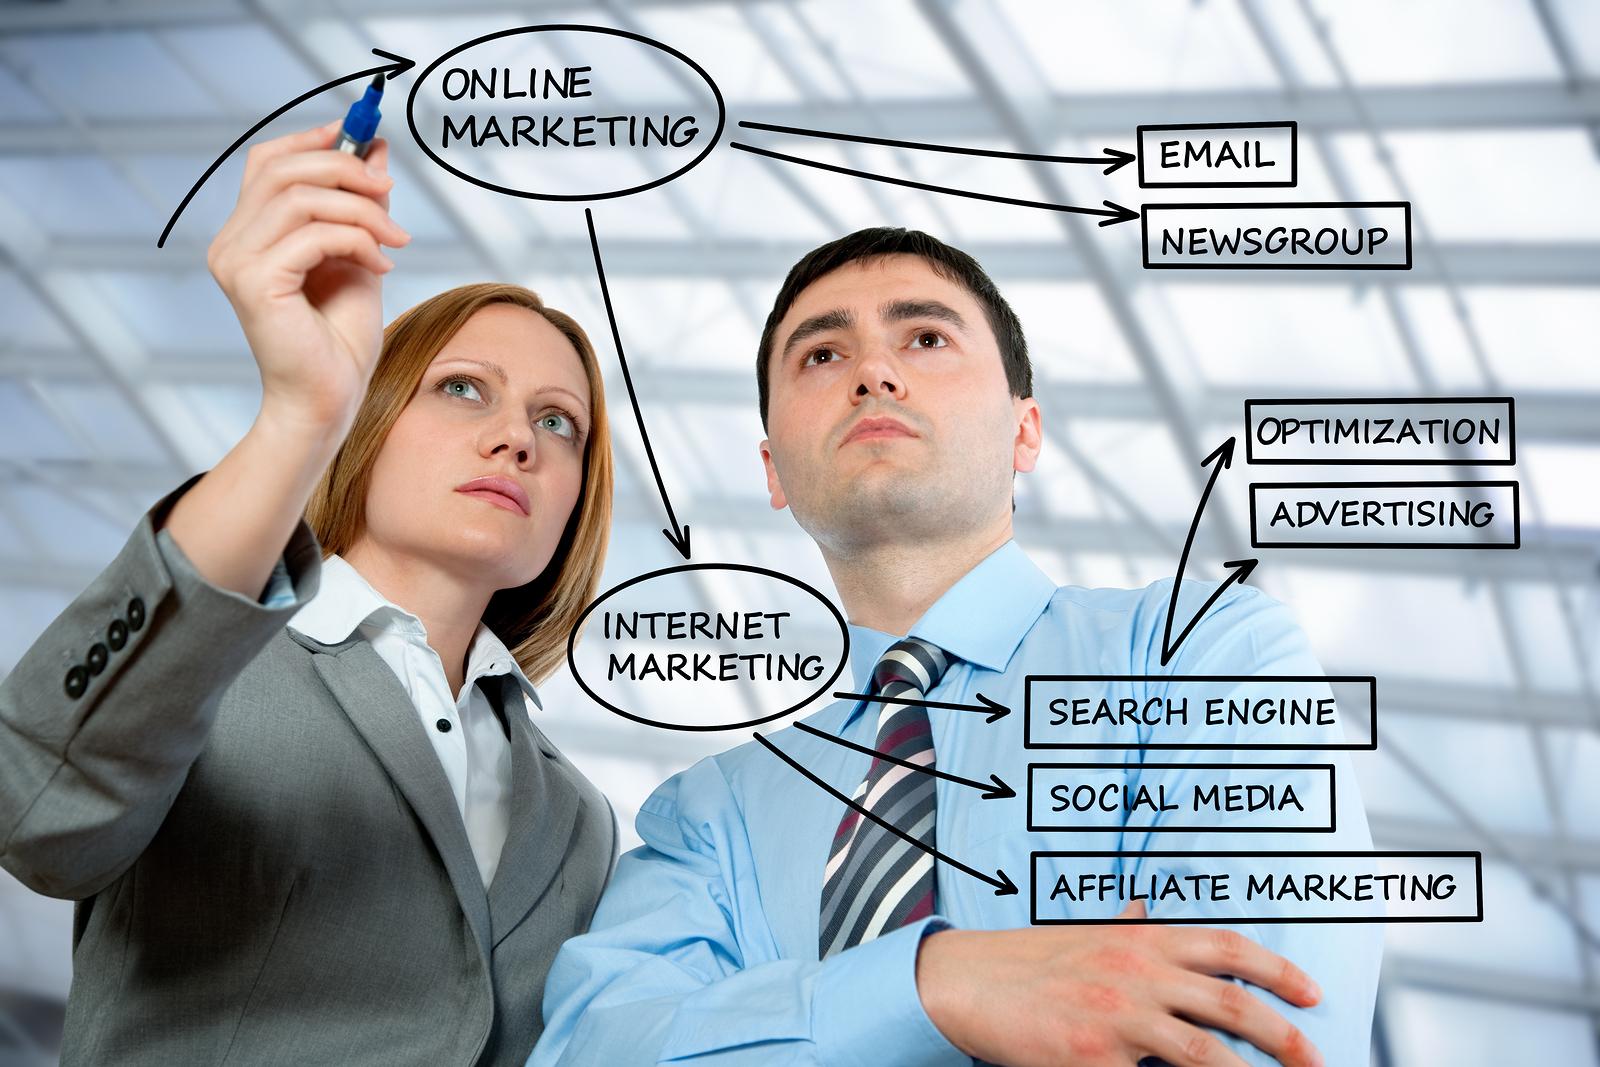 nhân viên marketing online làm gì mỗi ngày ?